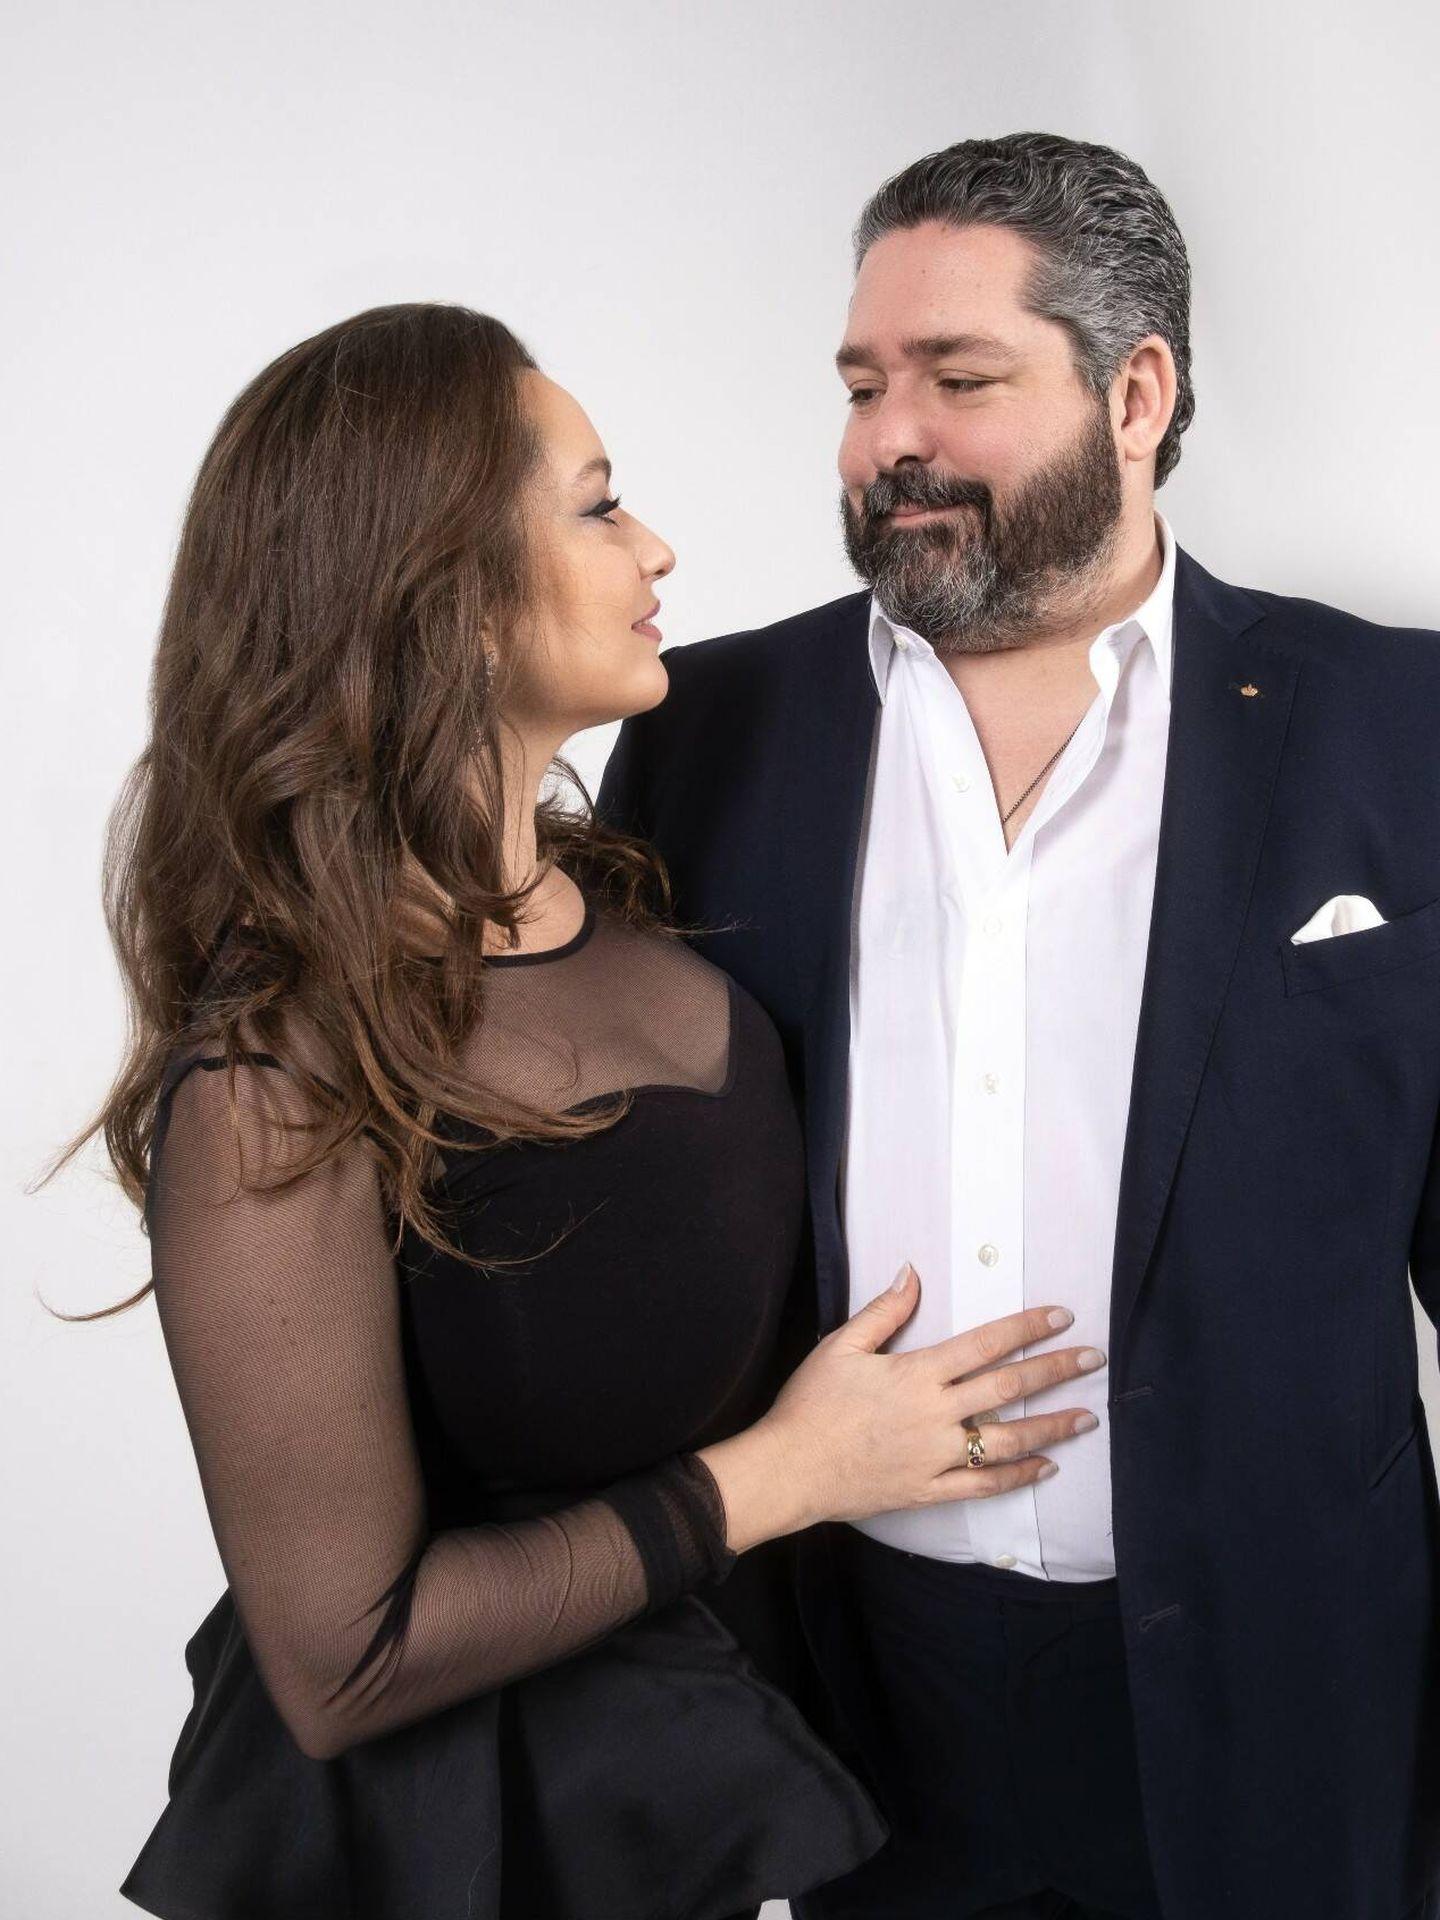 Jorge Románov y Rebecca Bettarini. (Cancillería de la Casa Imperial de Rusia)